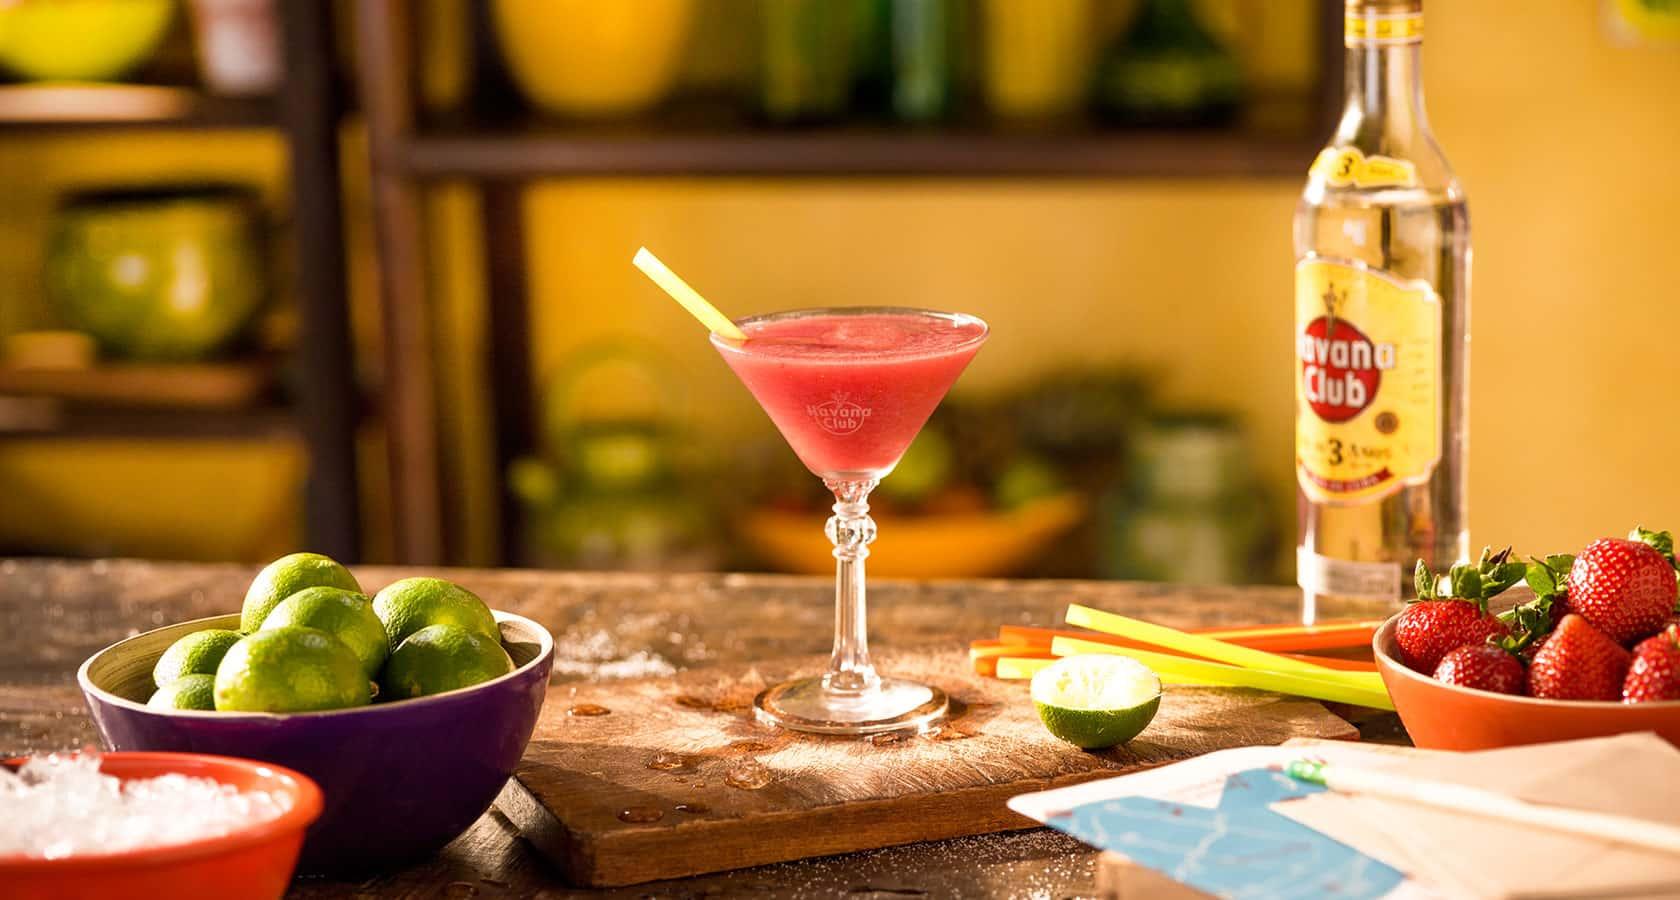 Fruit Daiquiri Recipe - Rum cocktails - Havana Club